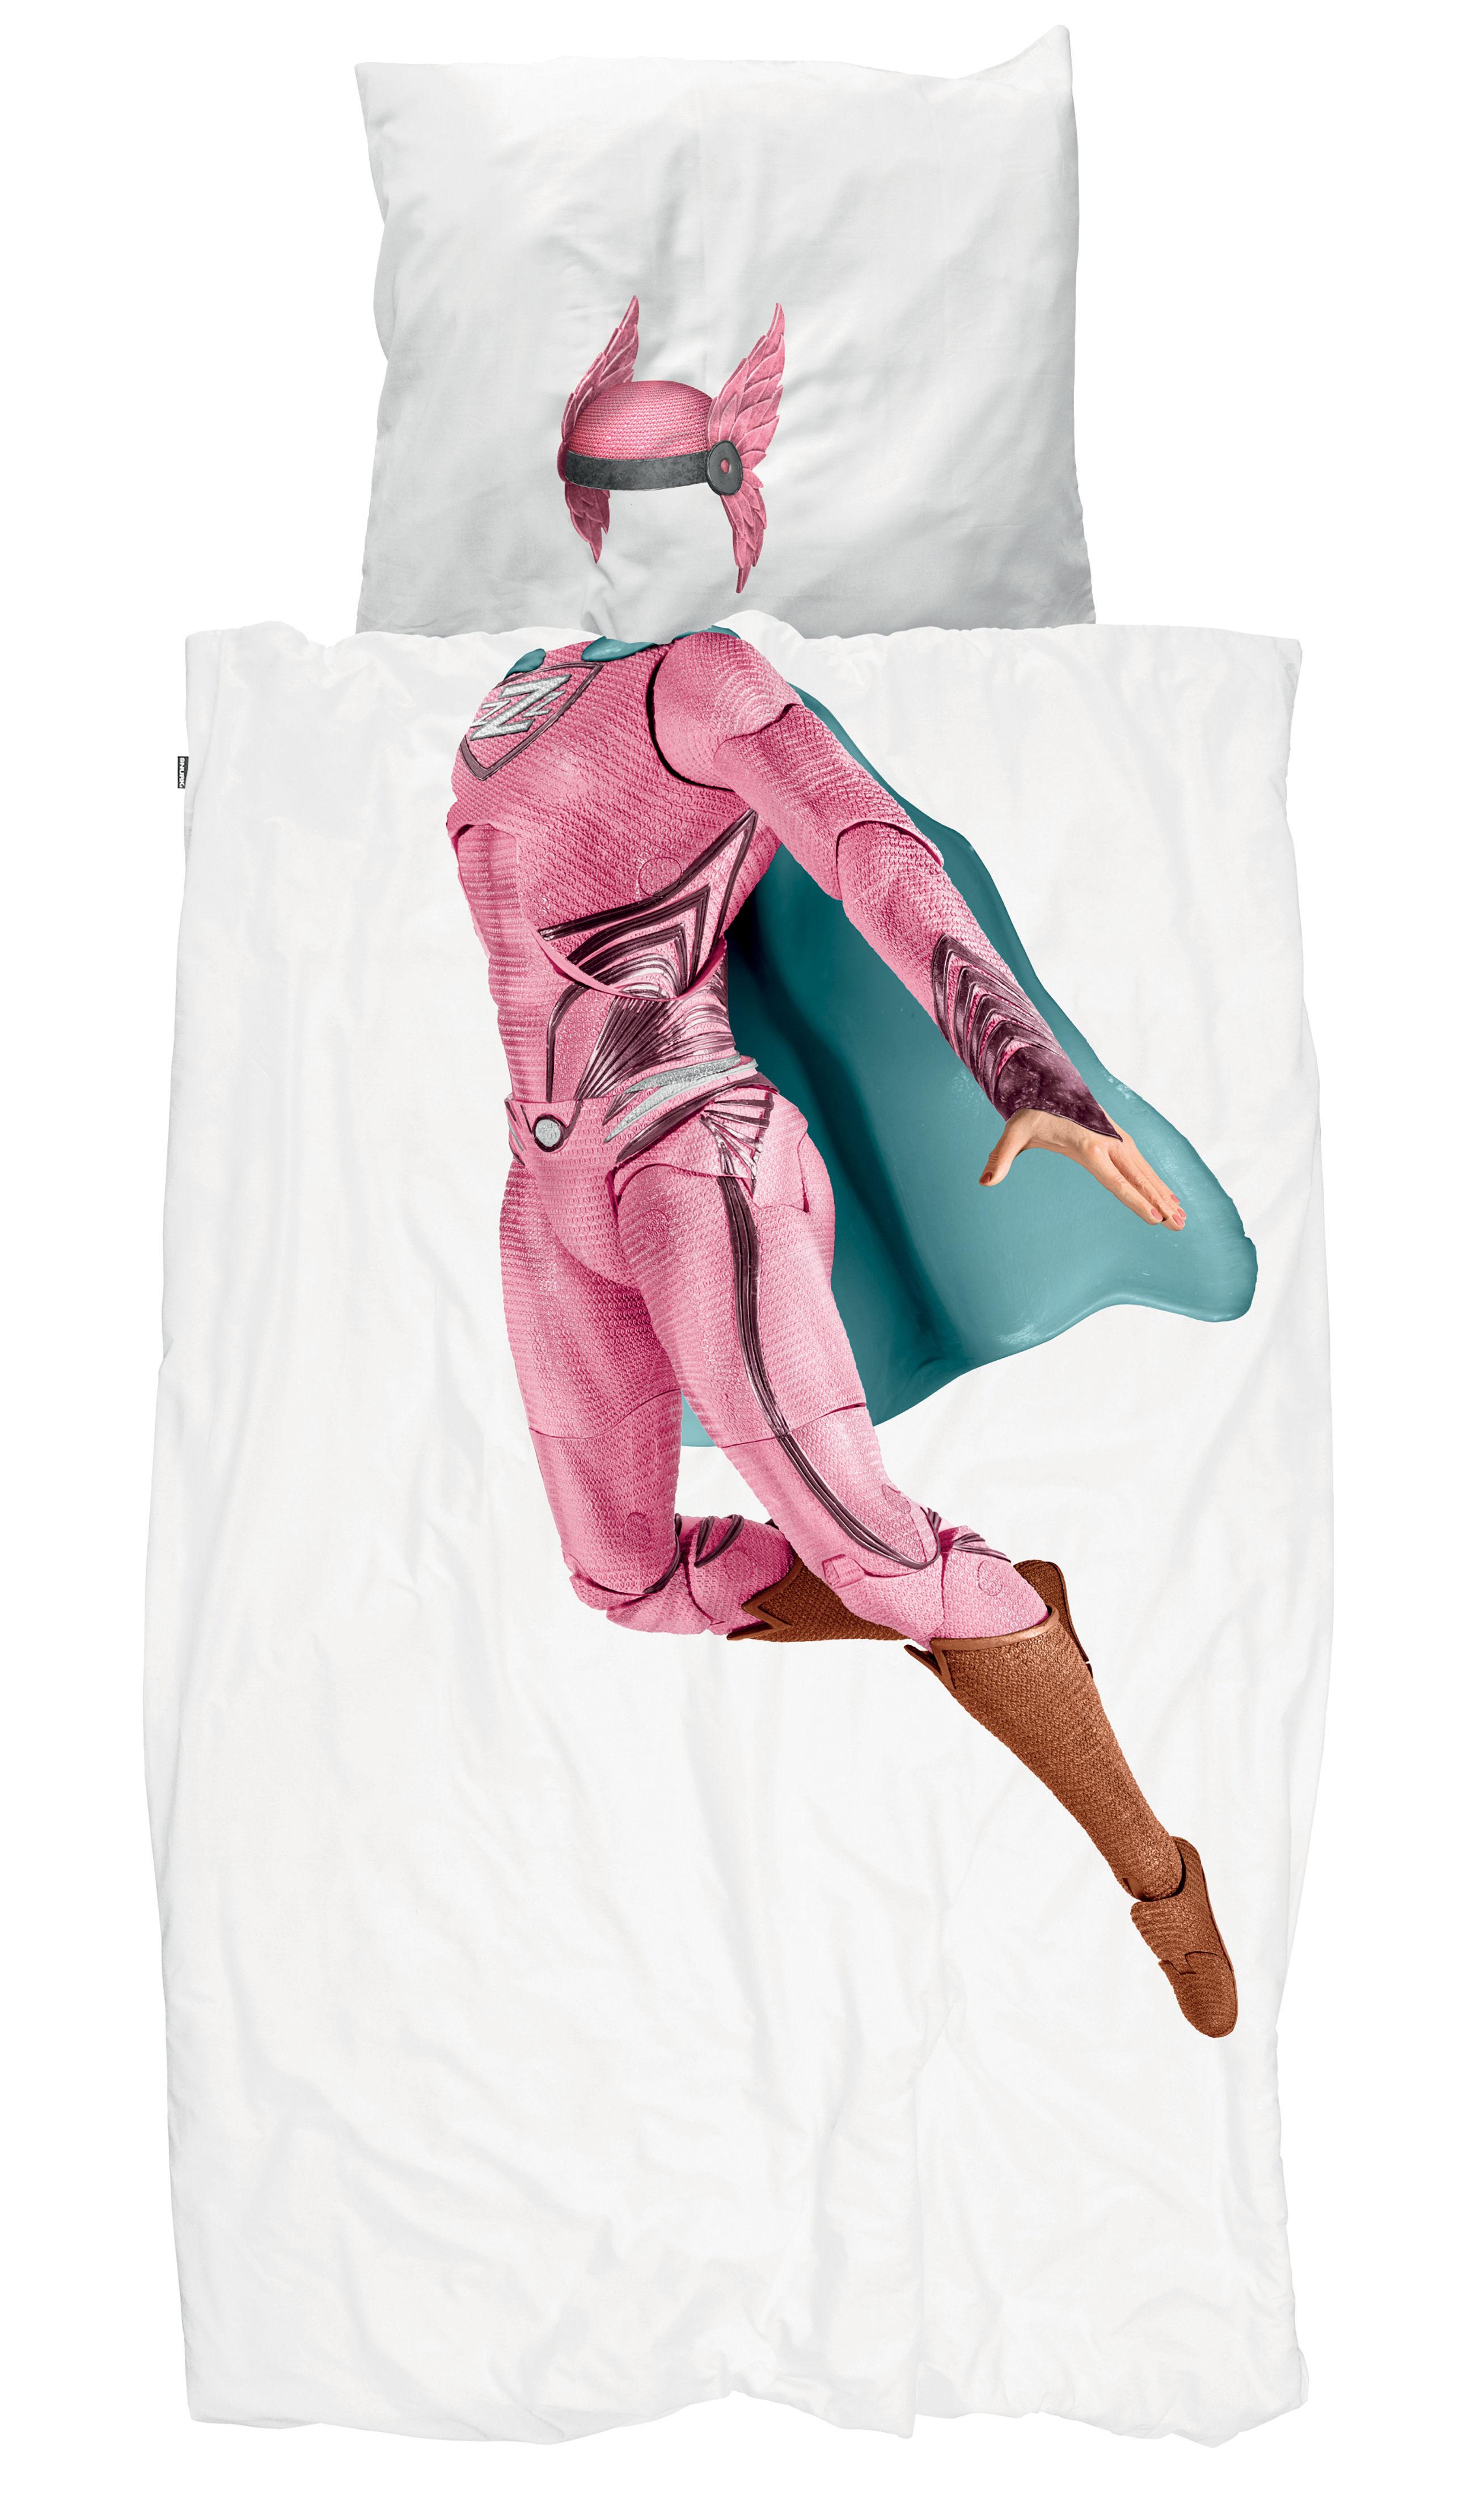 parure de lit 1 personne super hero fille snurk super h ro rose made in design. Black Bedroom Furniture Sets. Home Design Ideas